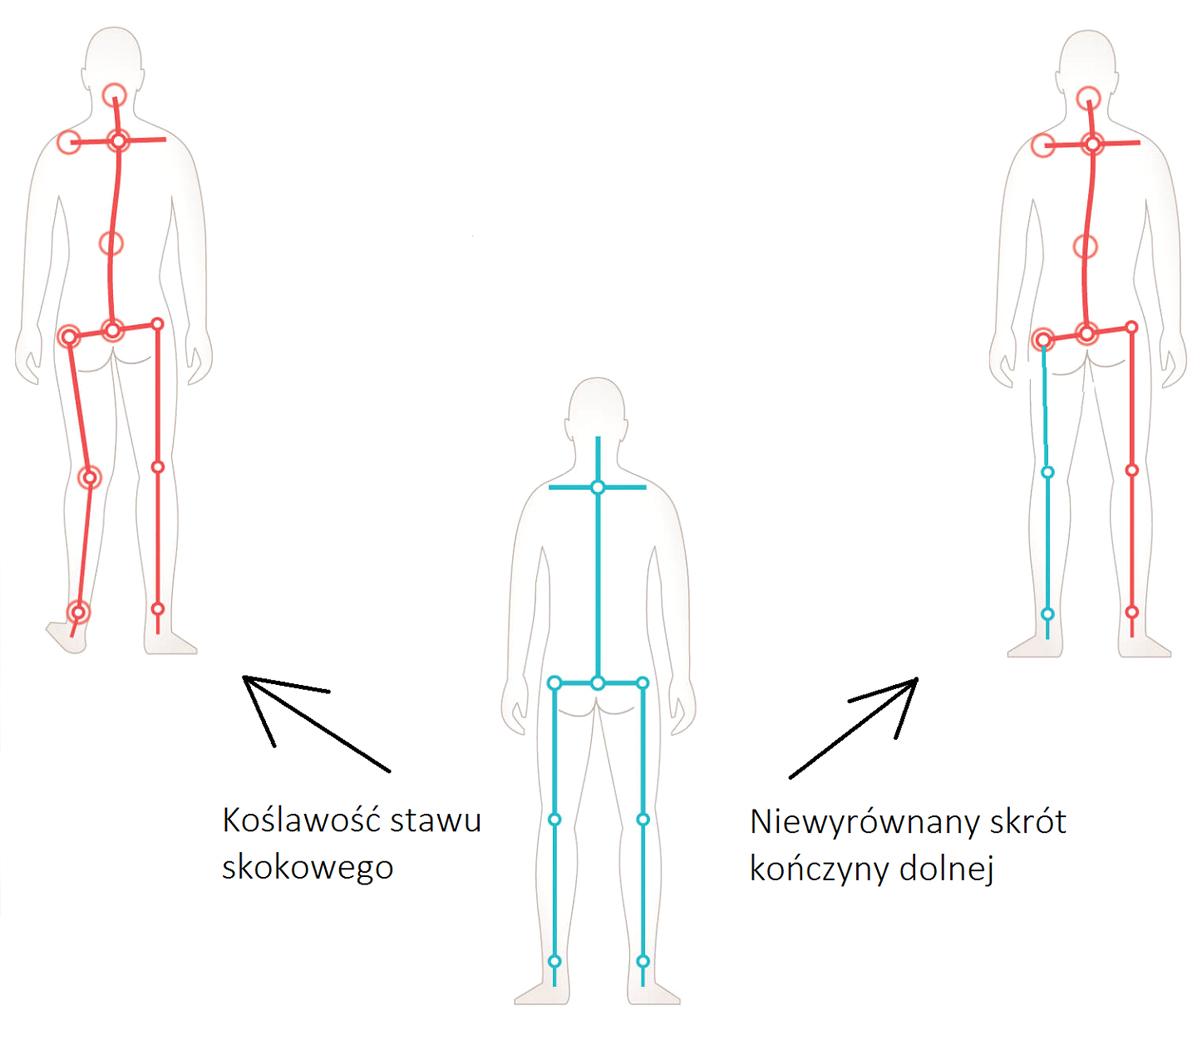 koślawość stawu skokowego - niewyrównany skrót kończyny dolnej